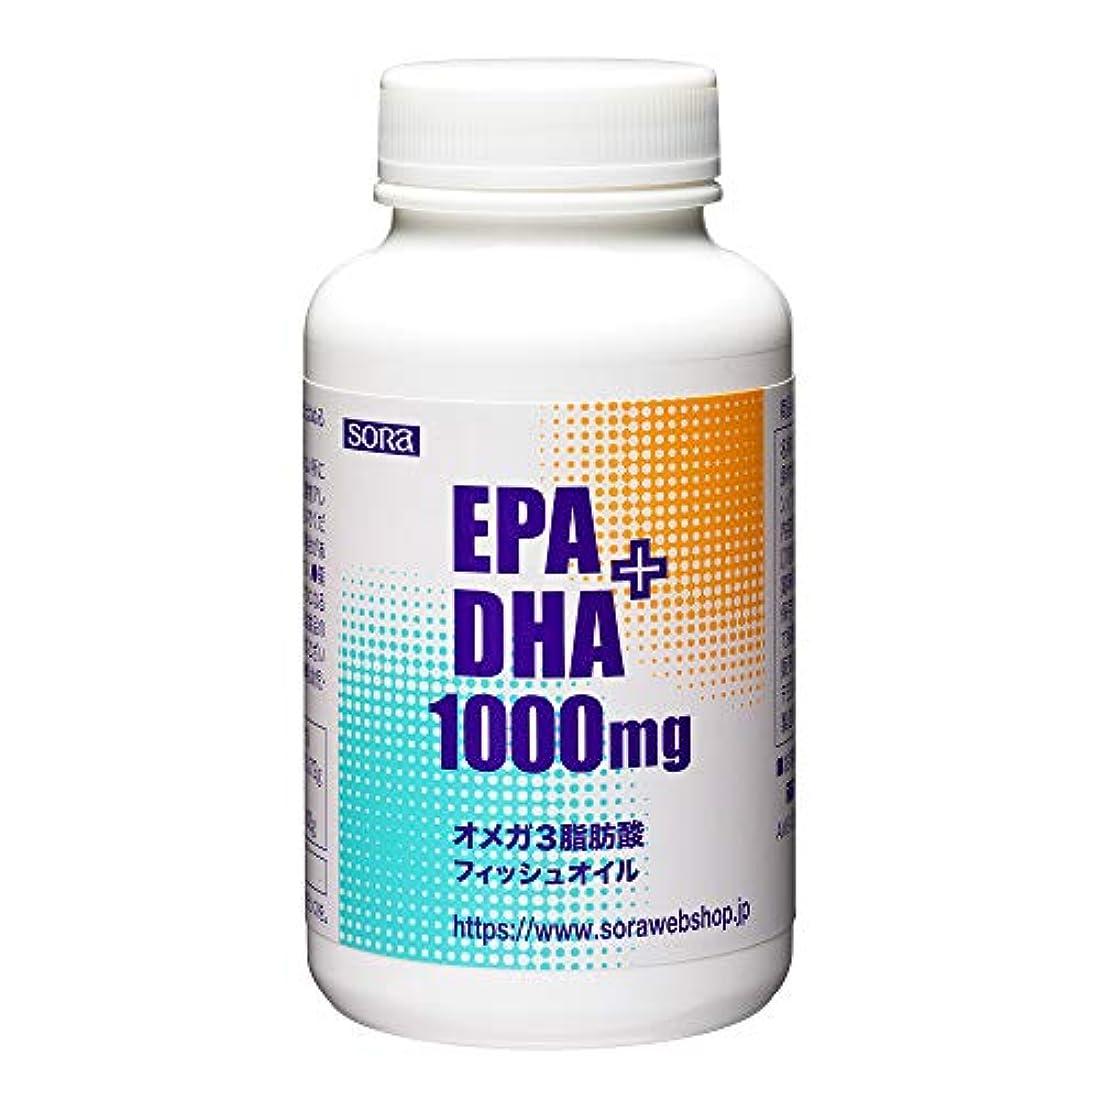 潤滑する登録小麦粉そら EPA+DHA 1000mg (魚のオイル オメガ3 180粒入)